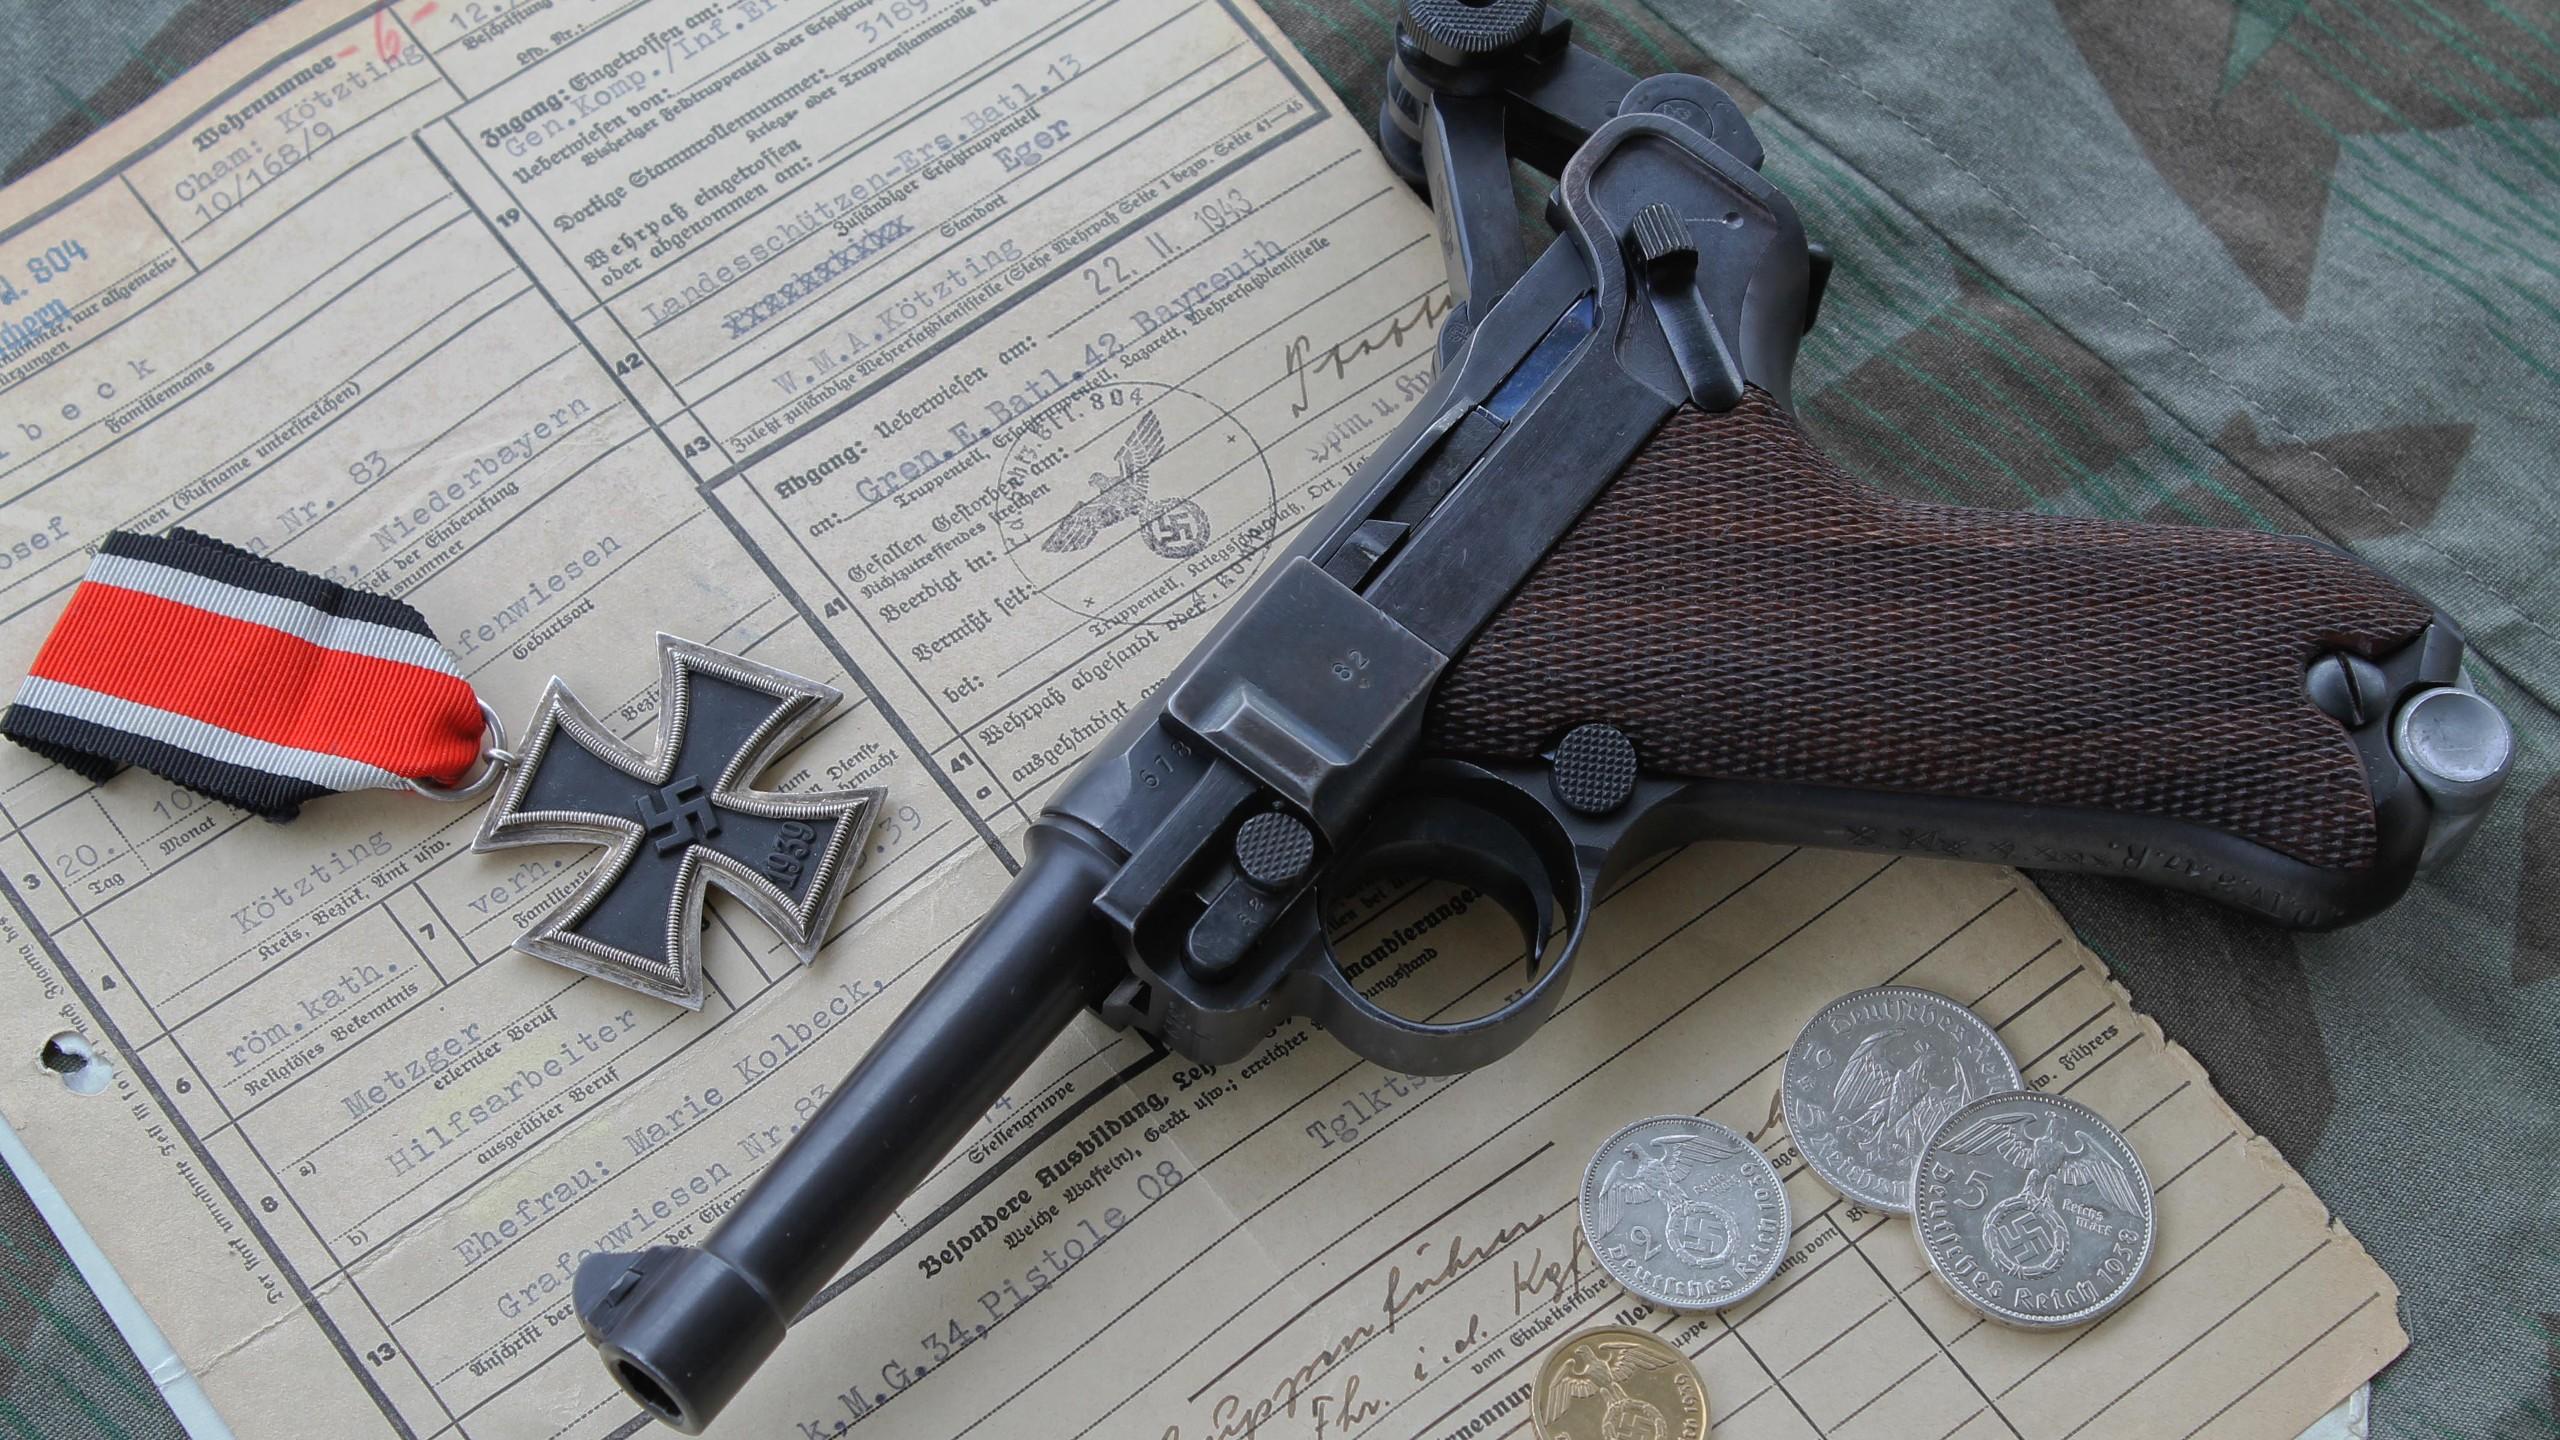 Luger P08 Iron Cross Pistol World War II Nazi Gun